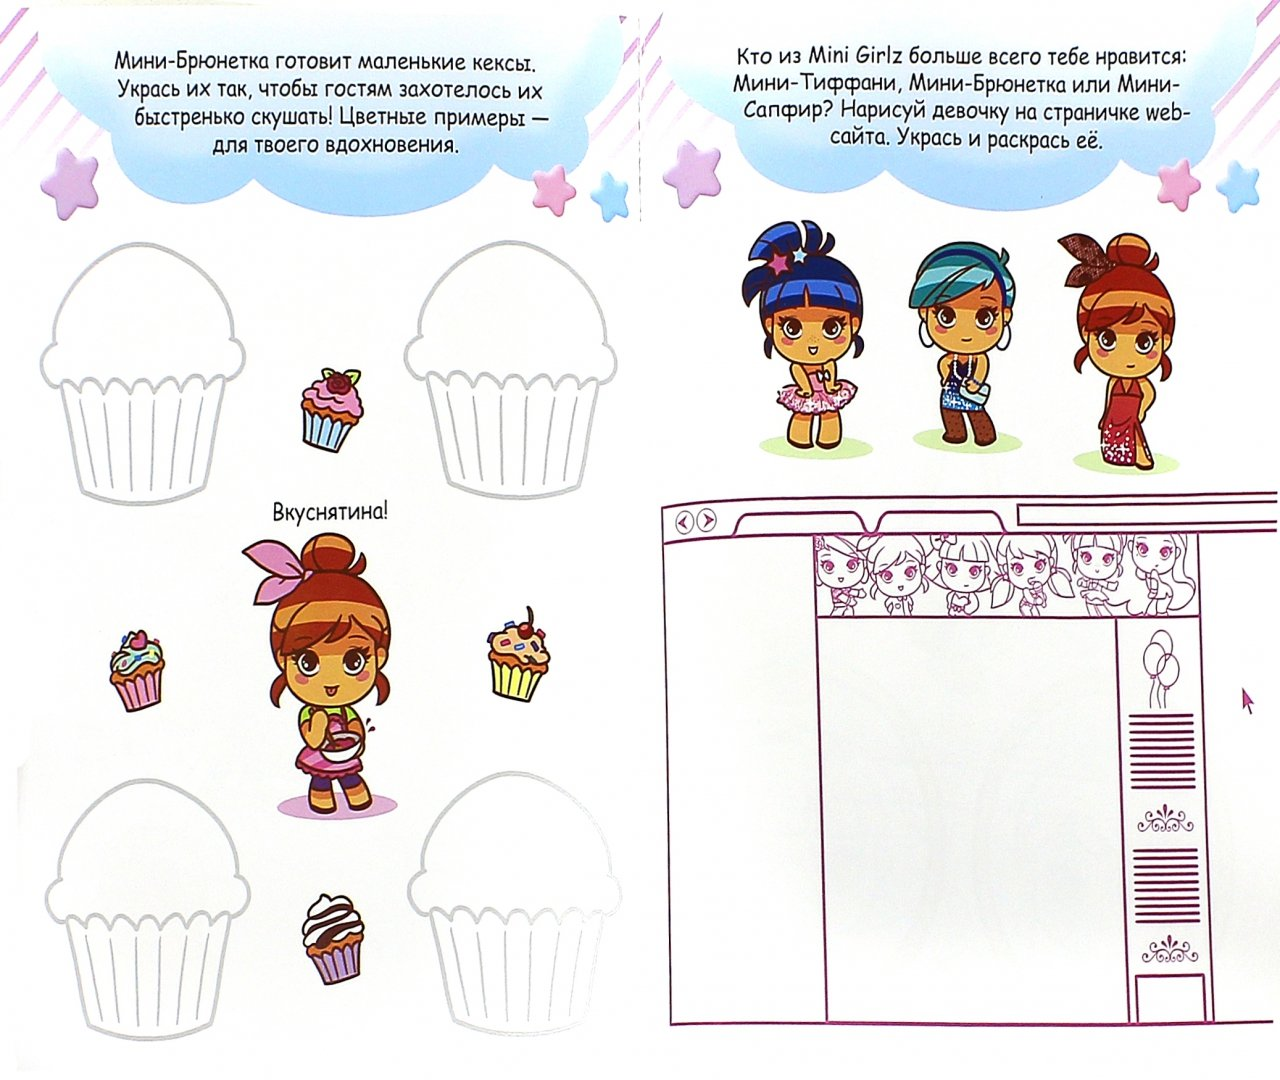 Иллюстрация 1 из 5 для Вечеринка. Играй вместе с Міnі Girlz - Сесиль Марбехан   Лабиринт - книги. Источник: Лабиринт